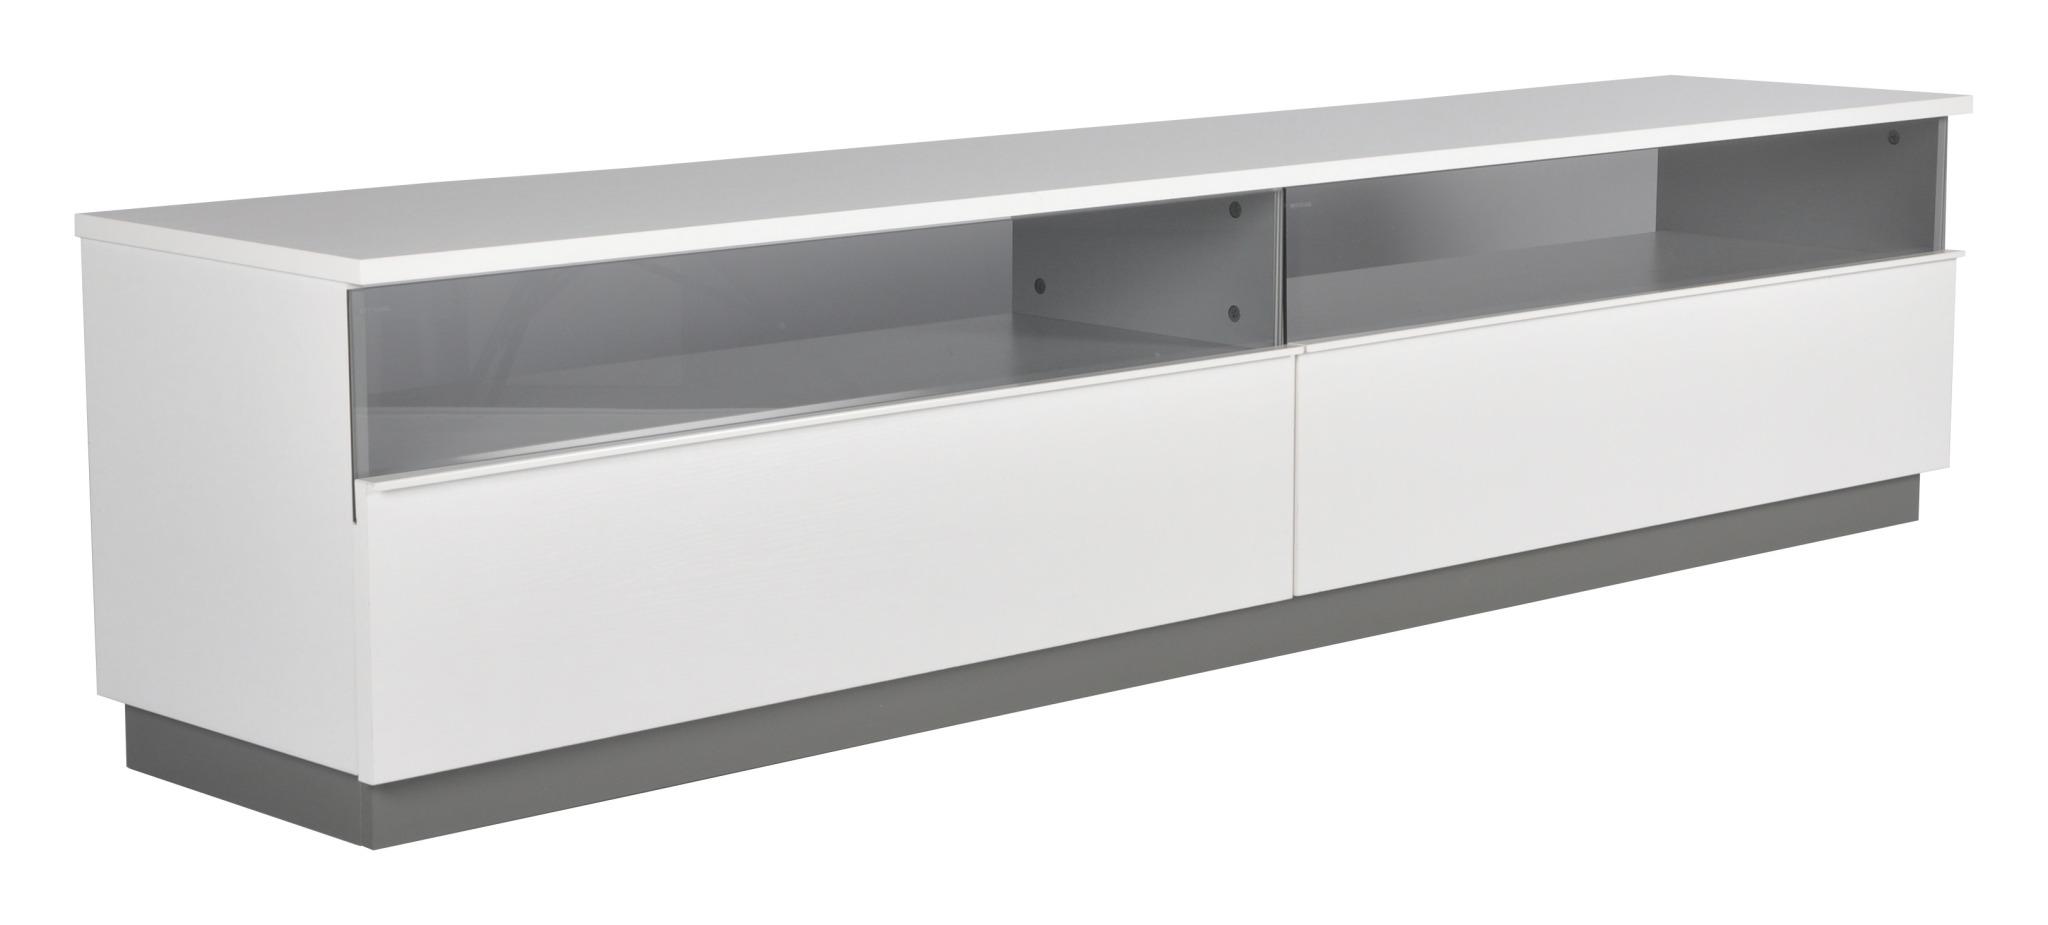 Decibel TV-bänk 200 med sockel - Vit Melamin